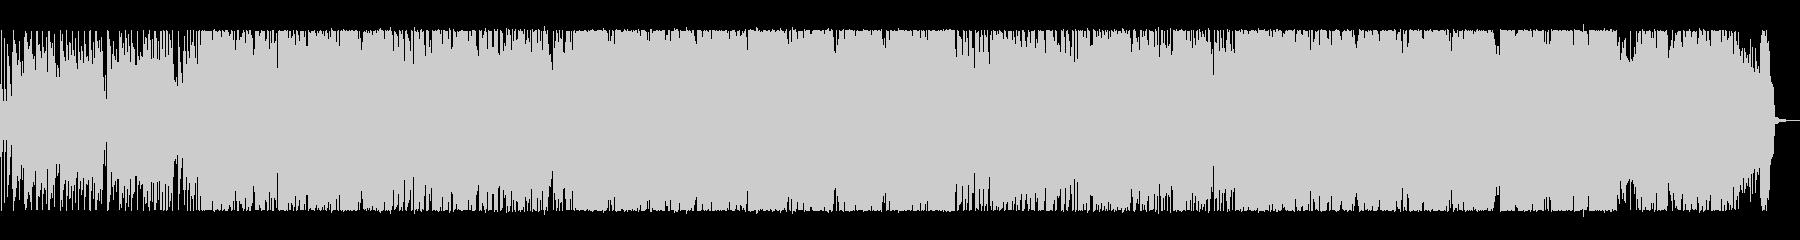 軽快でホットなロックサウンドの未再生の波形